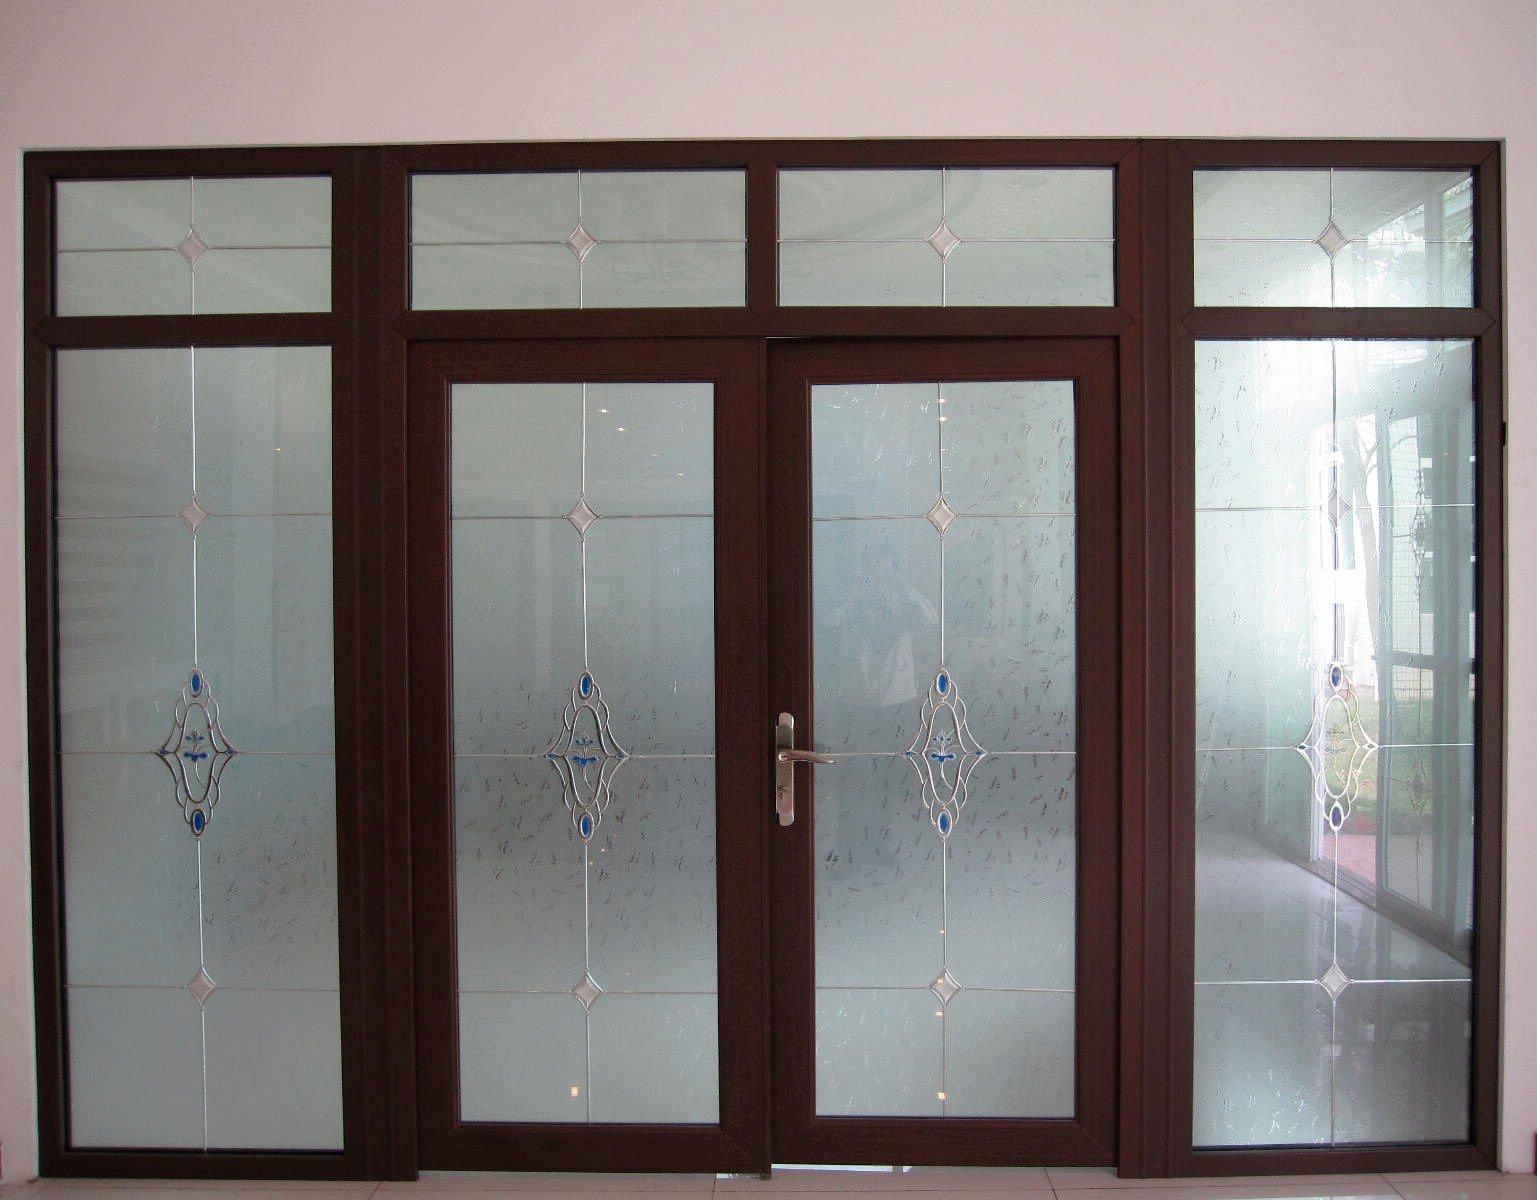 #321E1C Em Aluminio Portas De Correr Portas De Correr De Aluminio Janelas 4400 Janela Aluminio Marcas